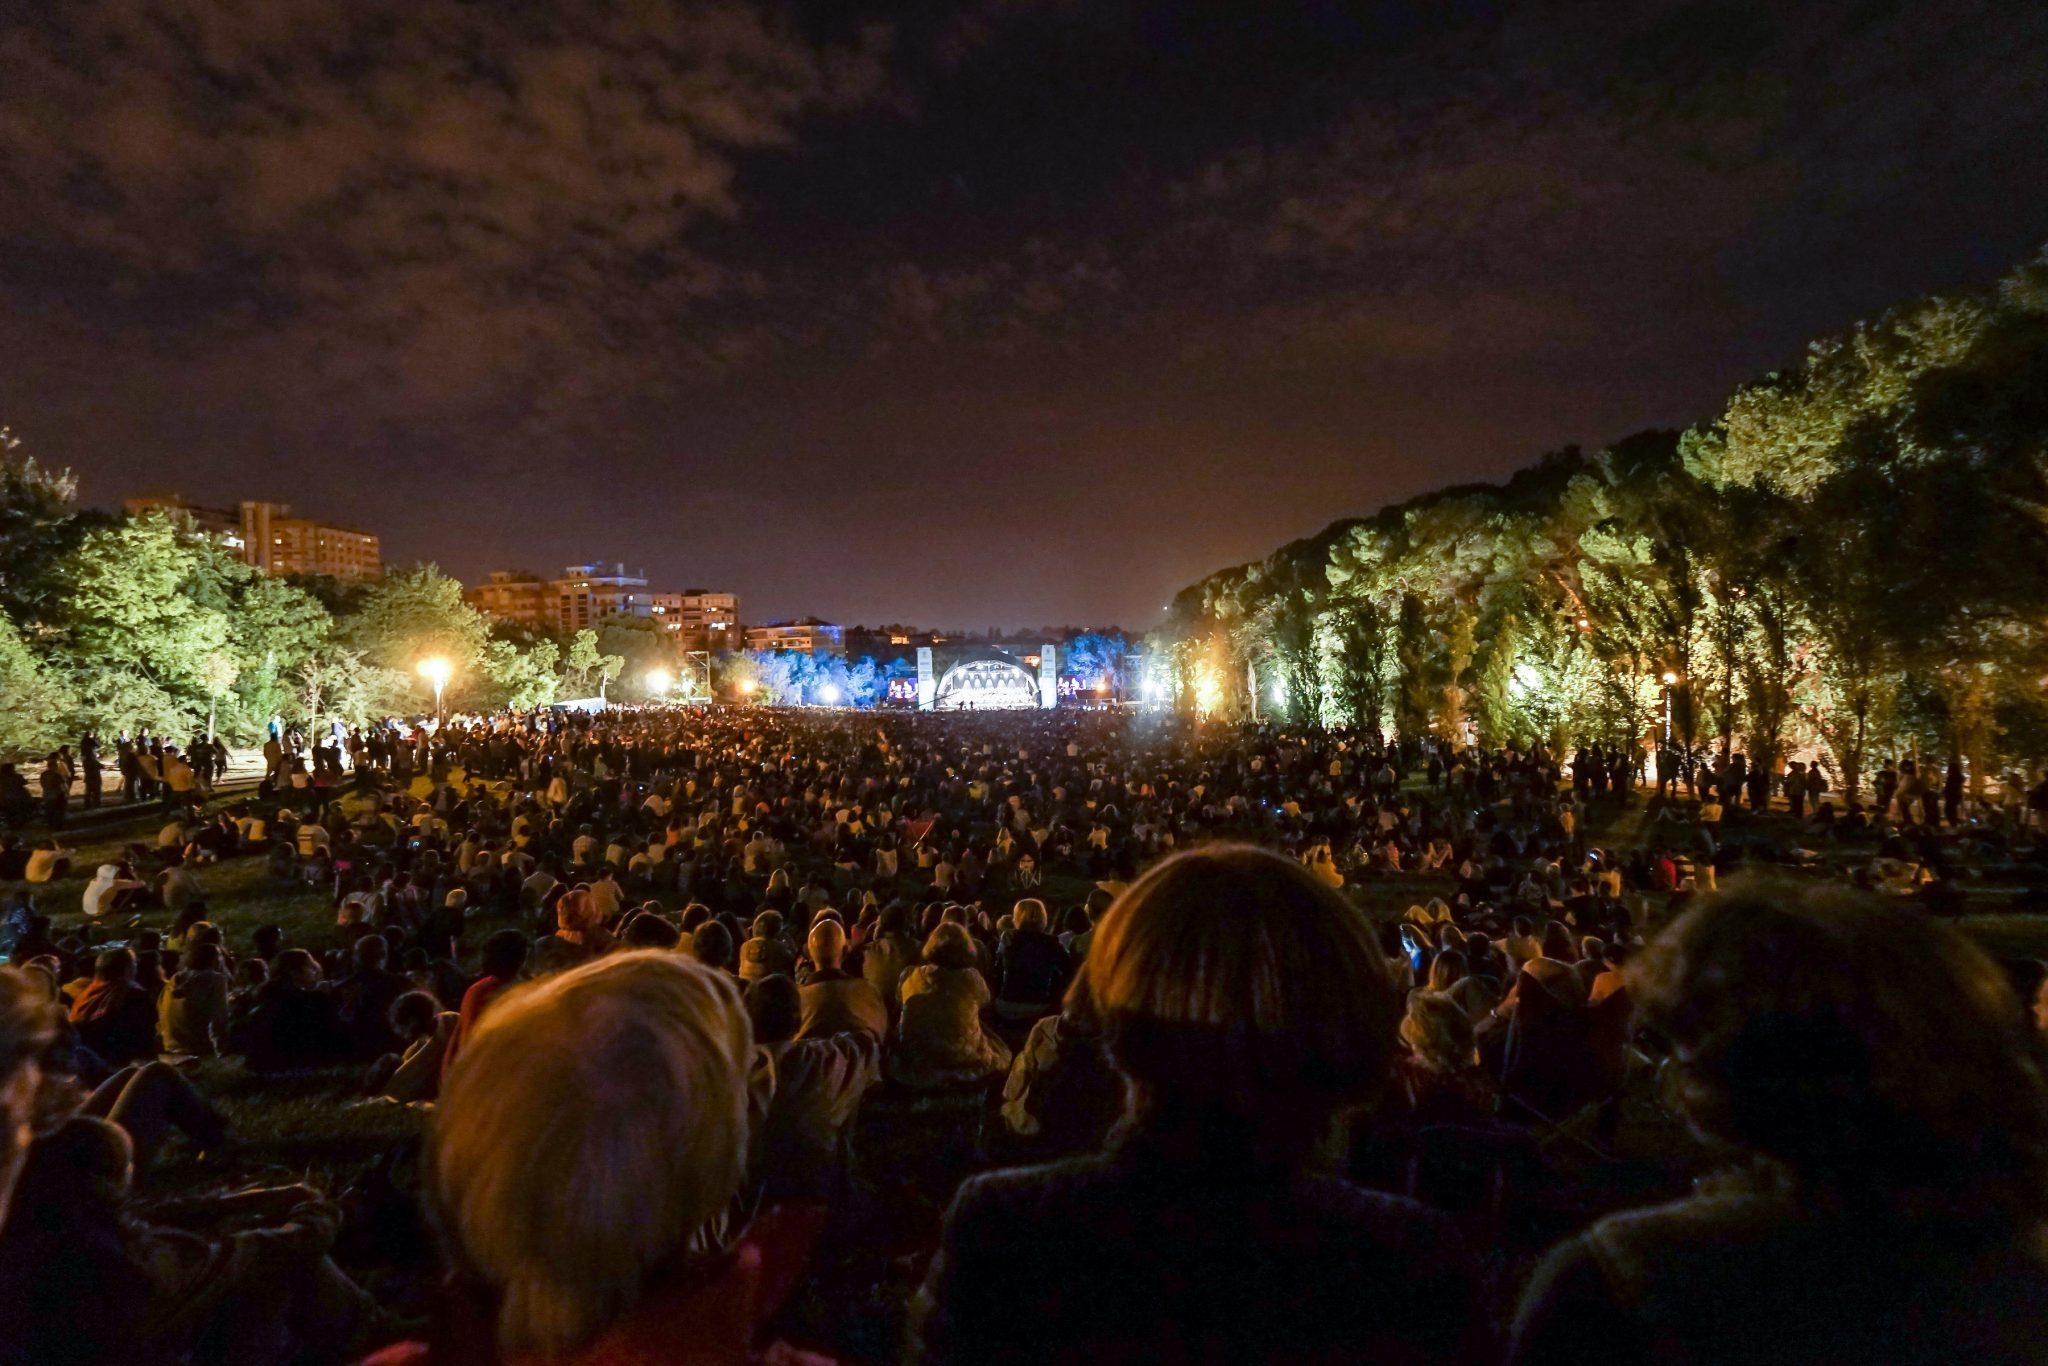 Num primeiro plano, de costas para o observador, centenas de pessoas sentadas num terreno relvado, viradas para um palco ao fundo, iluminado em tons de branco e azul.